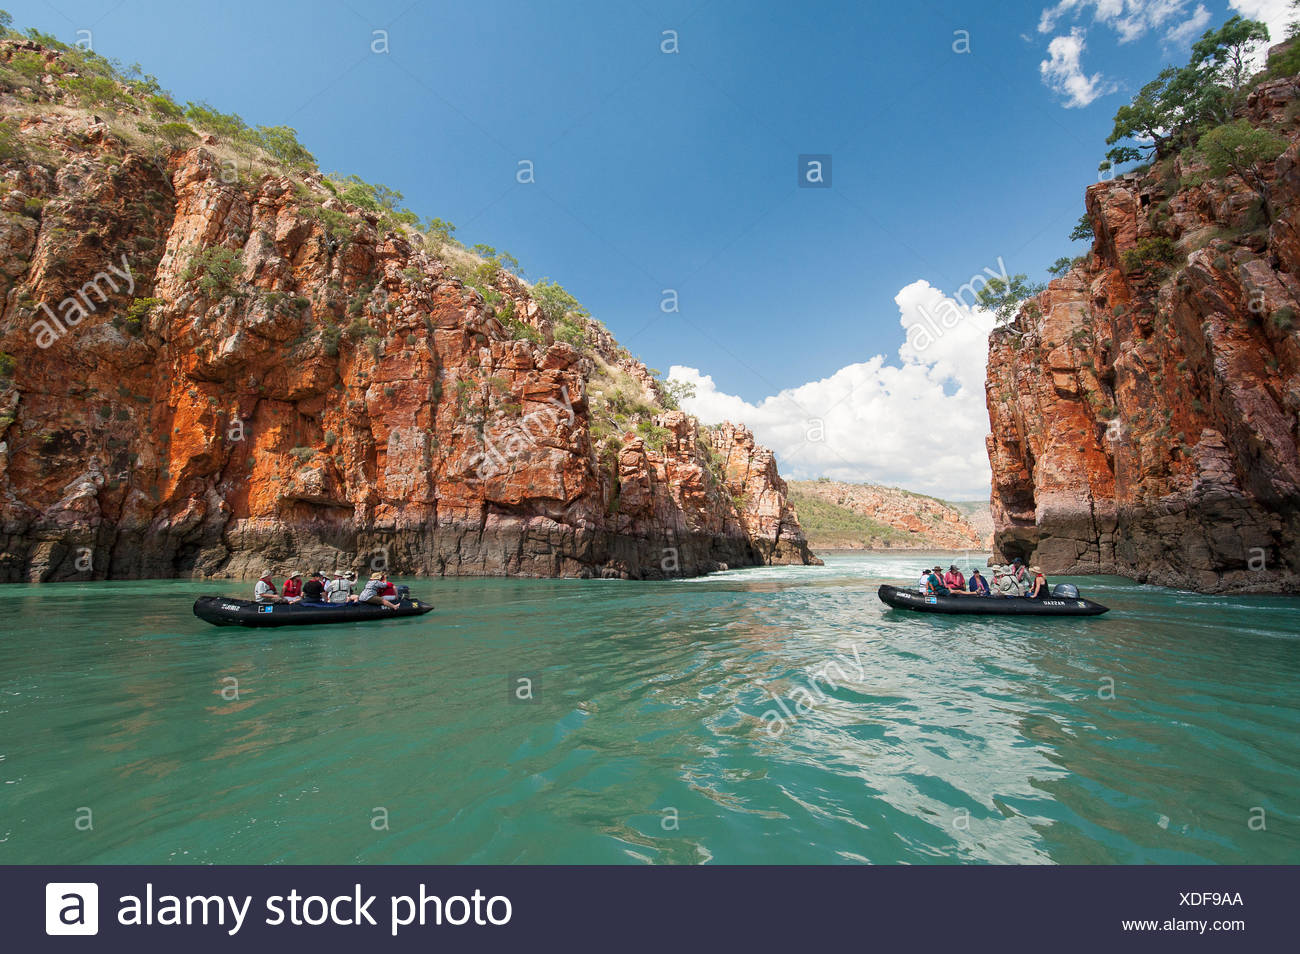 Los turistas de zodiacs explorar las mareas extremas fluctuaciones en cascadas horizontales en Talbot Bay, Australia Occidental. Foto de stock